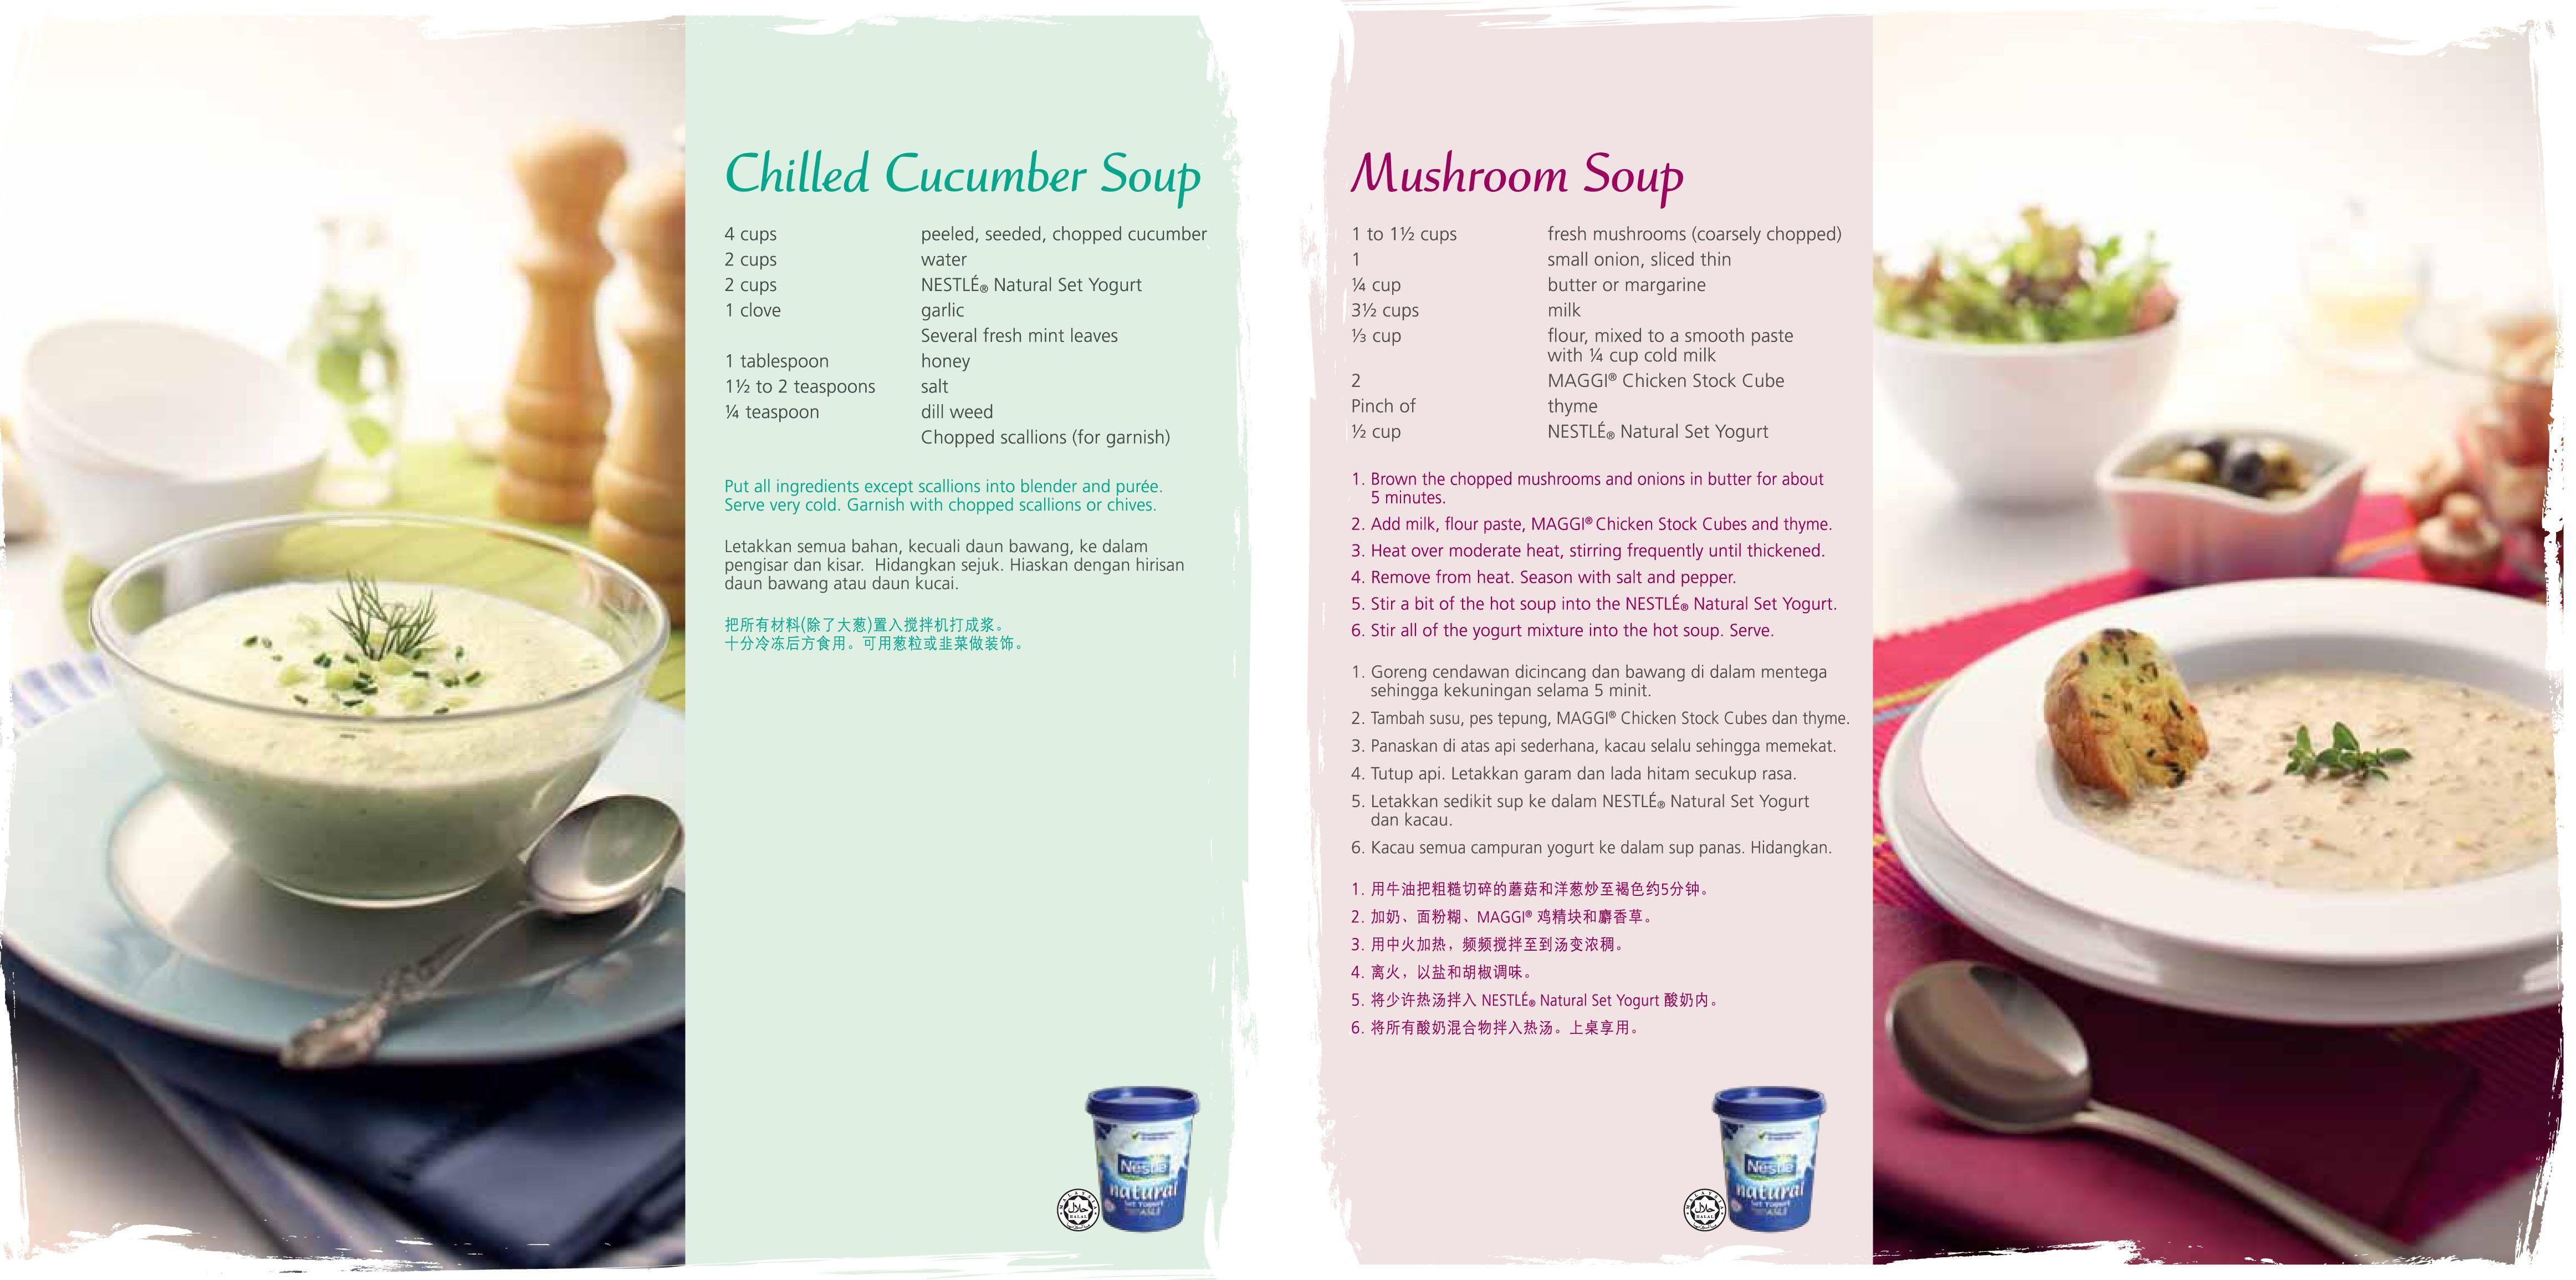 recipe book layout